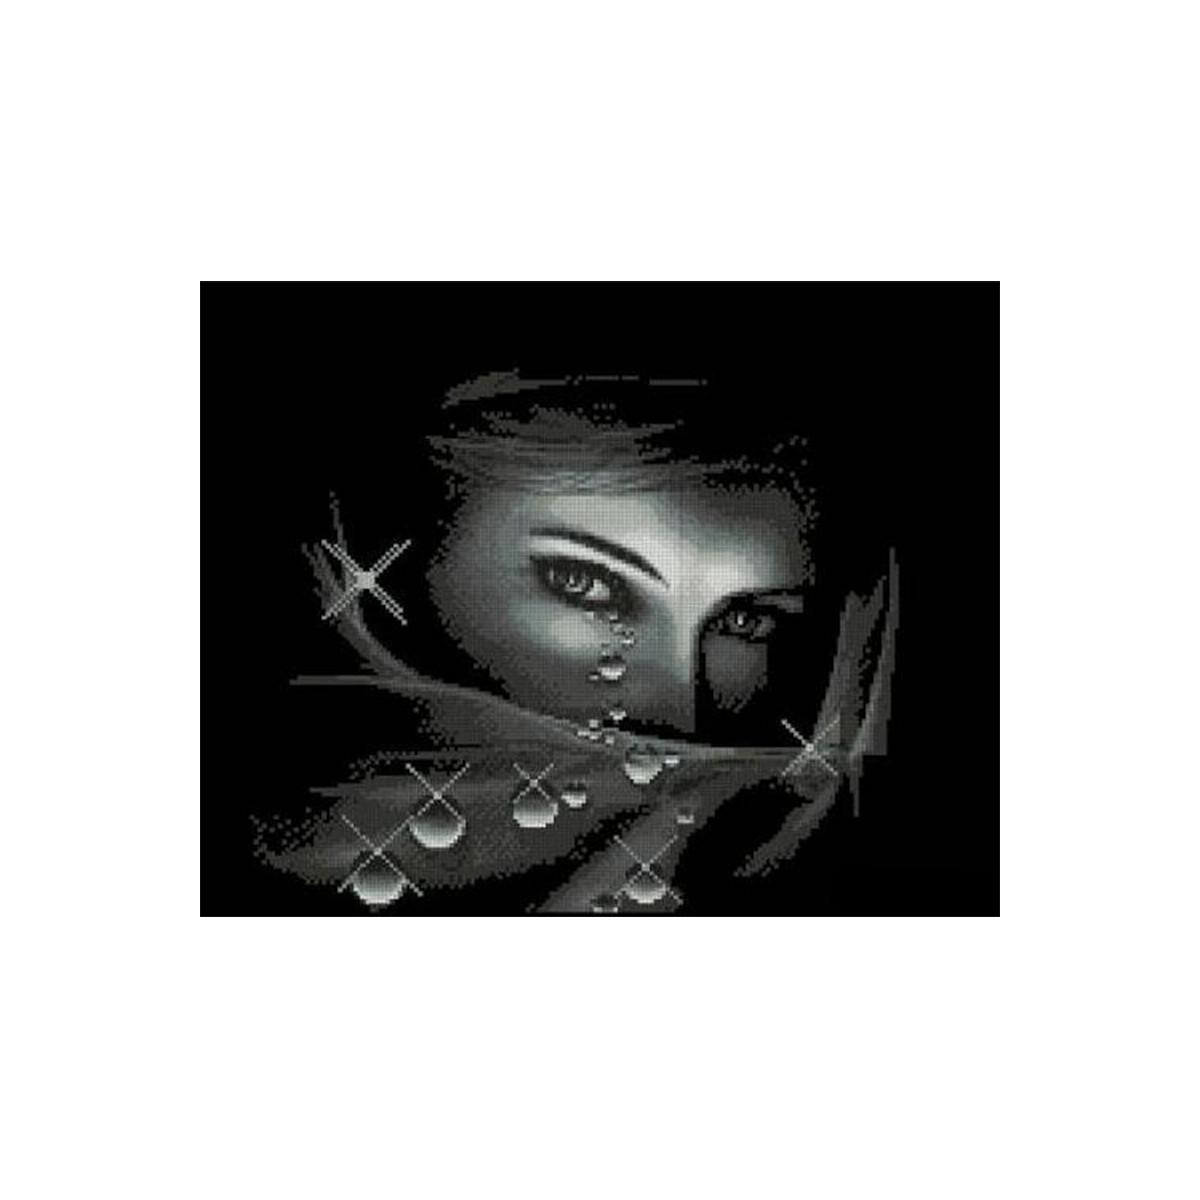 Набор для вышивания Alisena Взгляд, 24 x 21 см383105